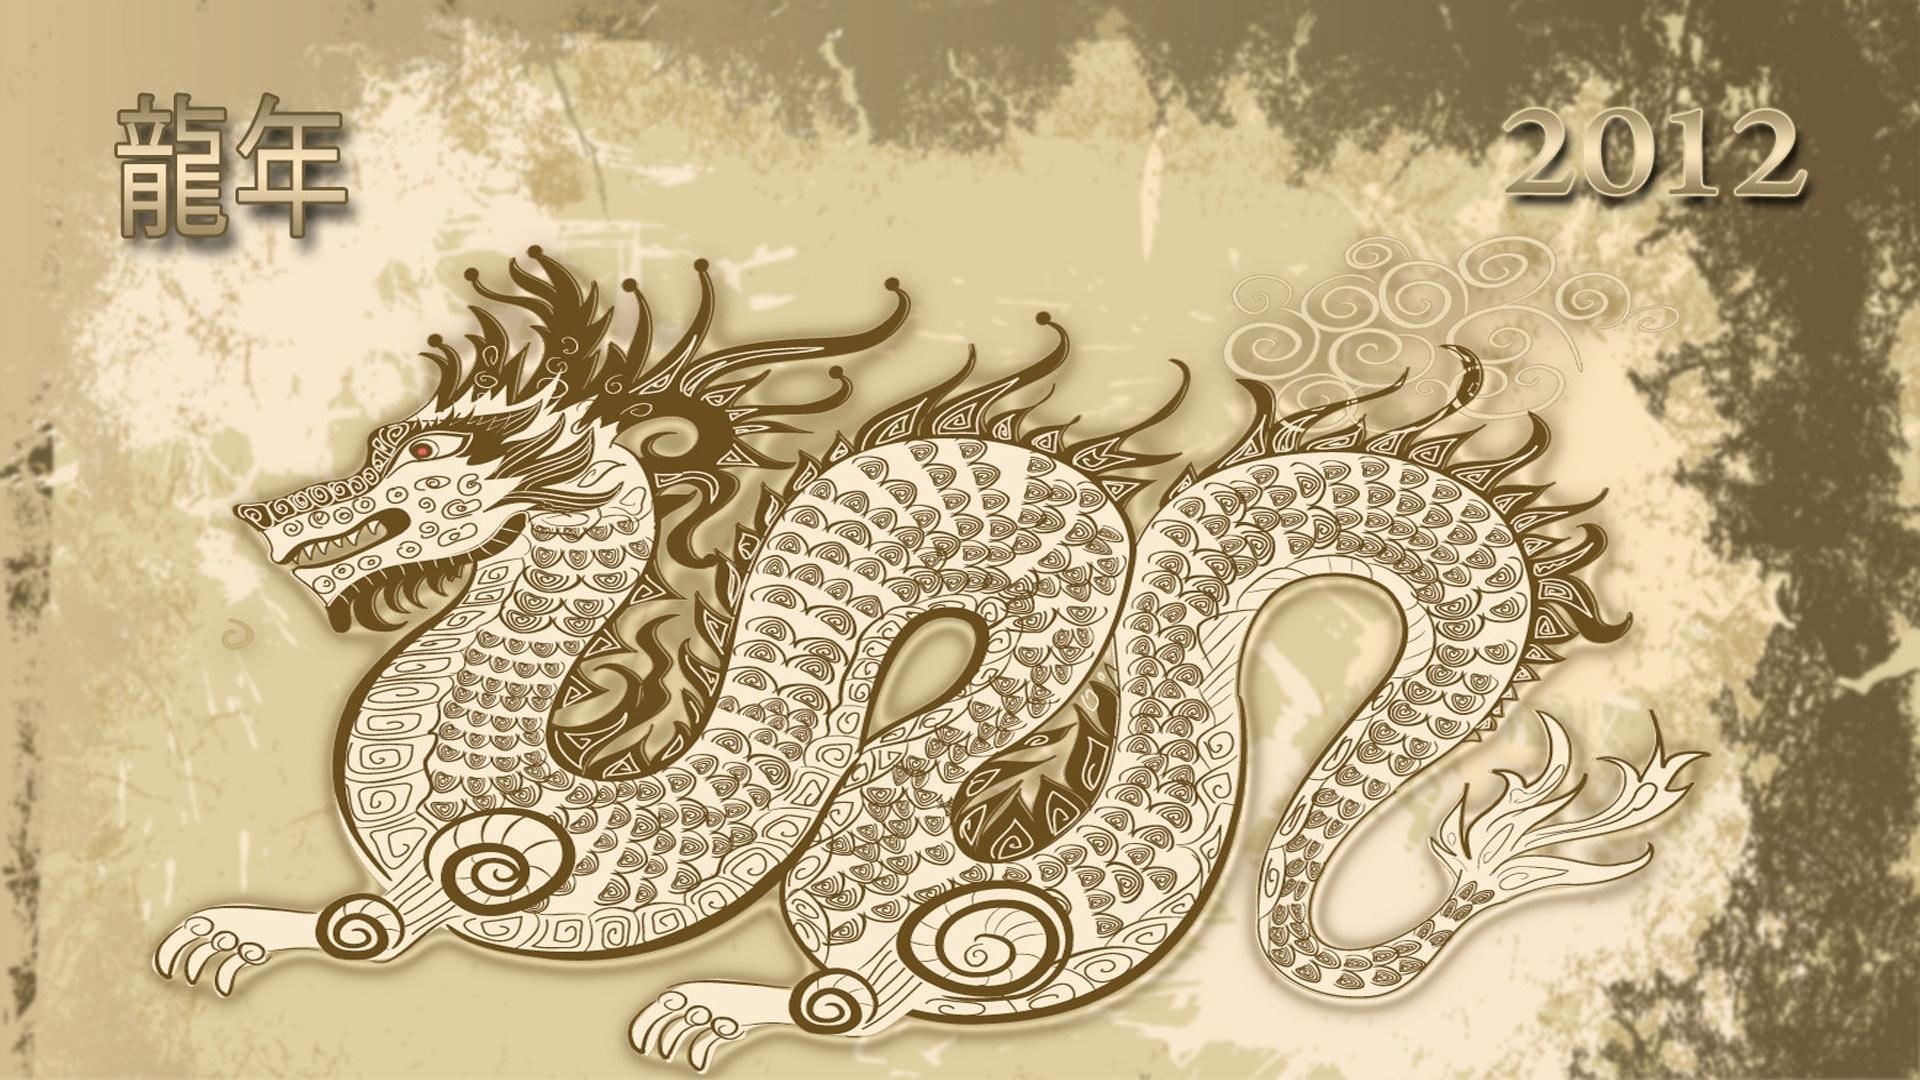 год дракона обои для рабочего стола № 528338 бесплатно